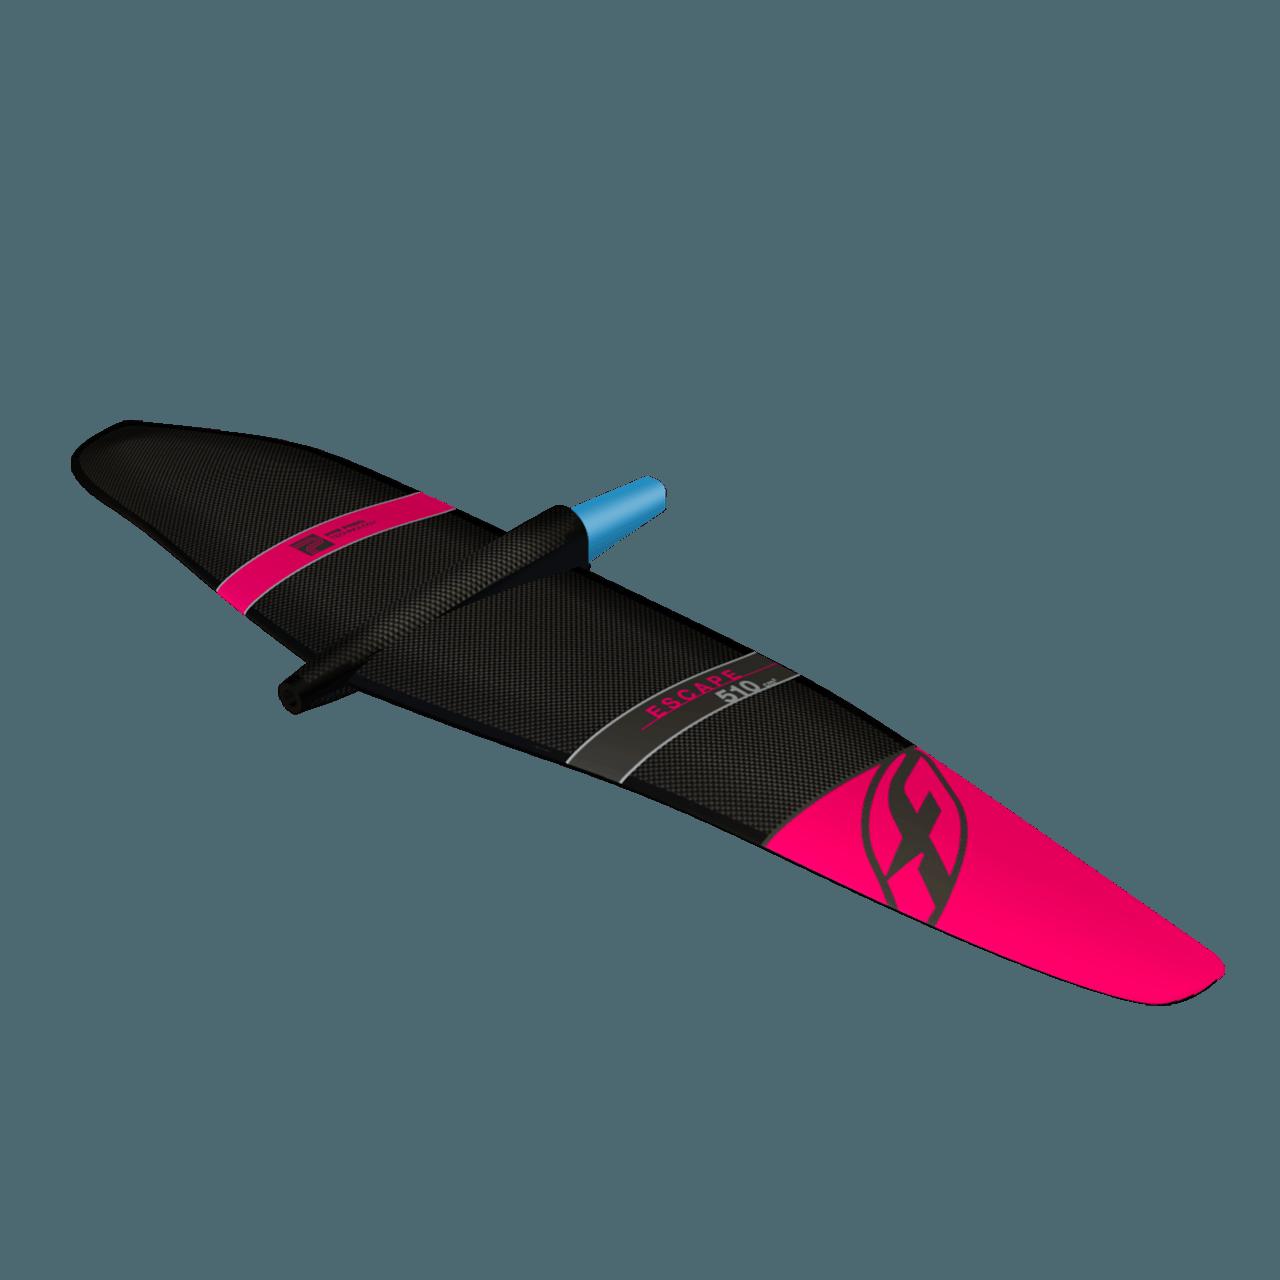 Гоночное крыло площадью 510 для гидрофойла F-One foil